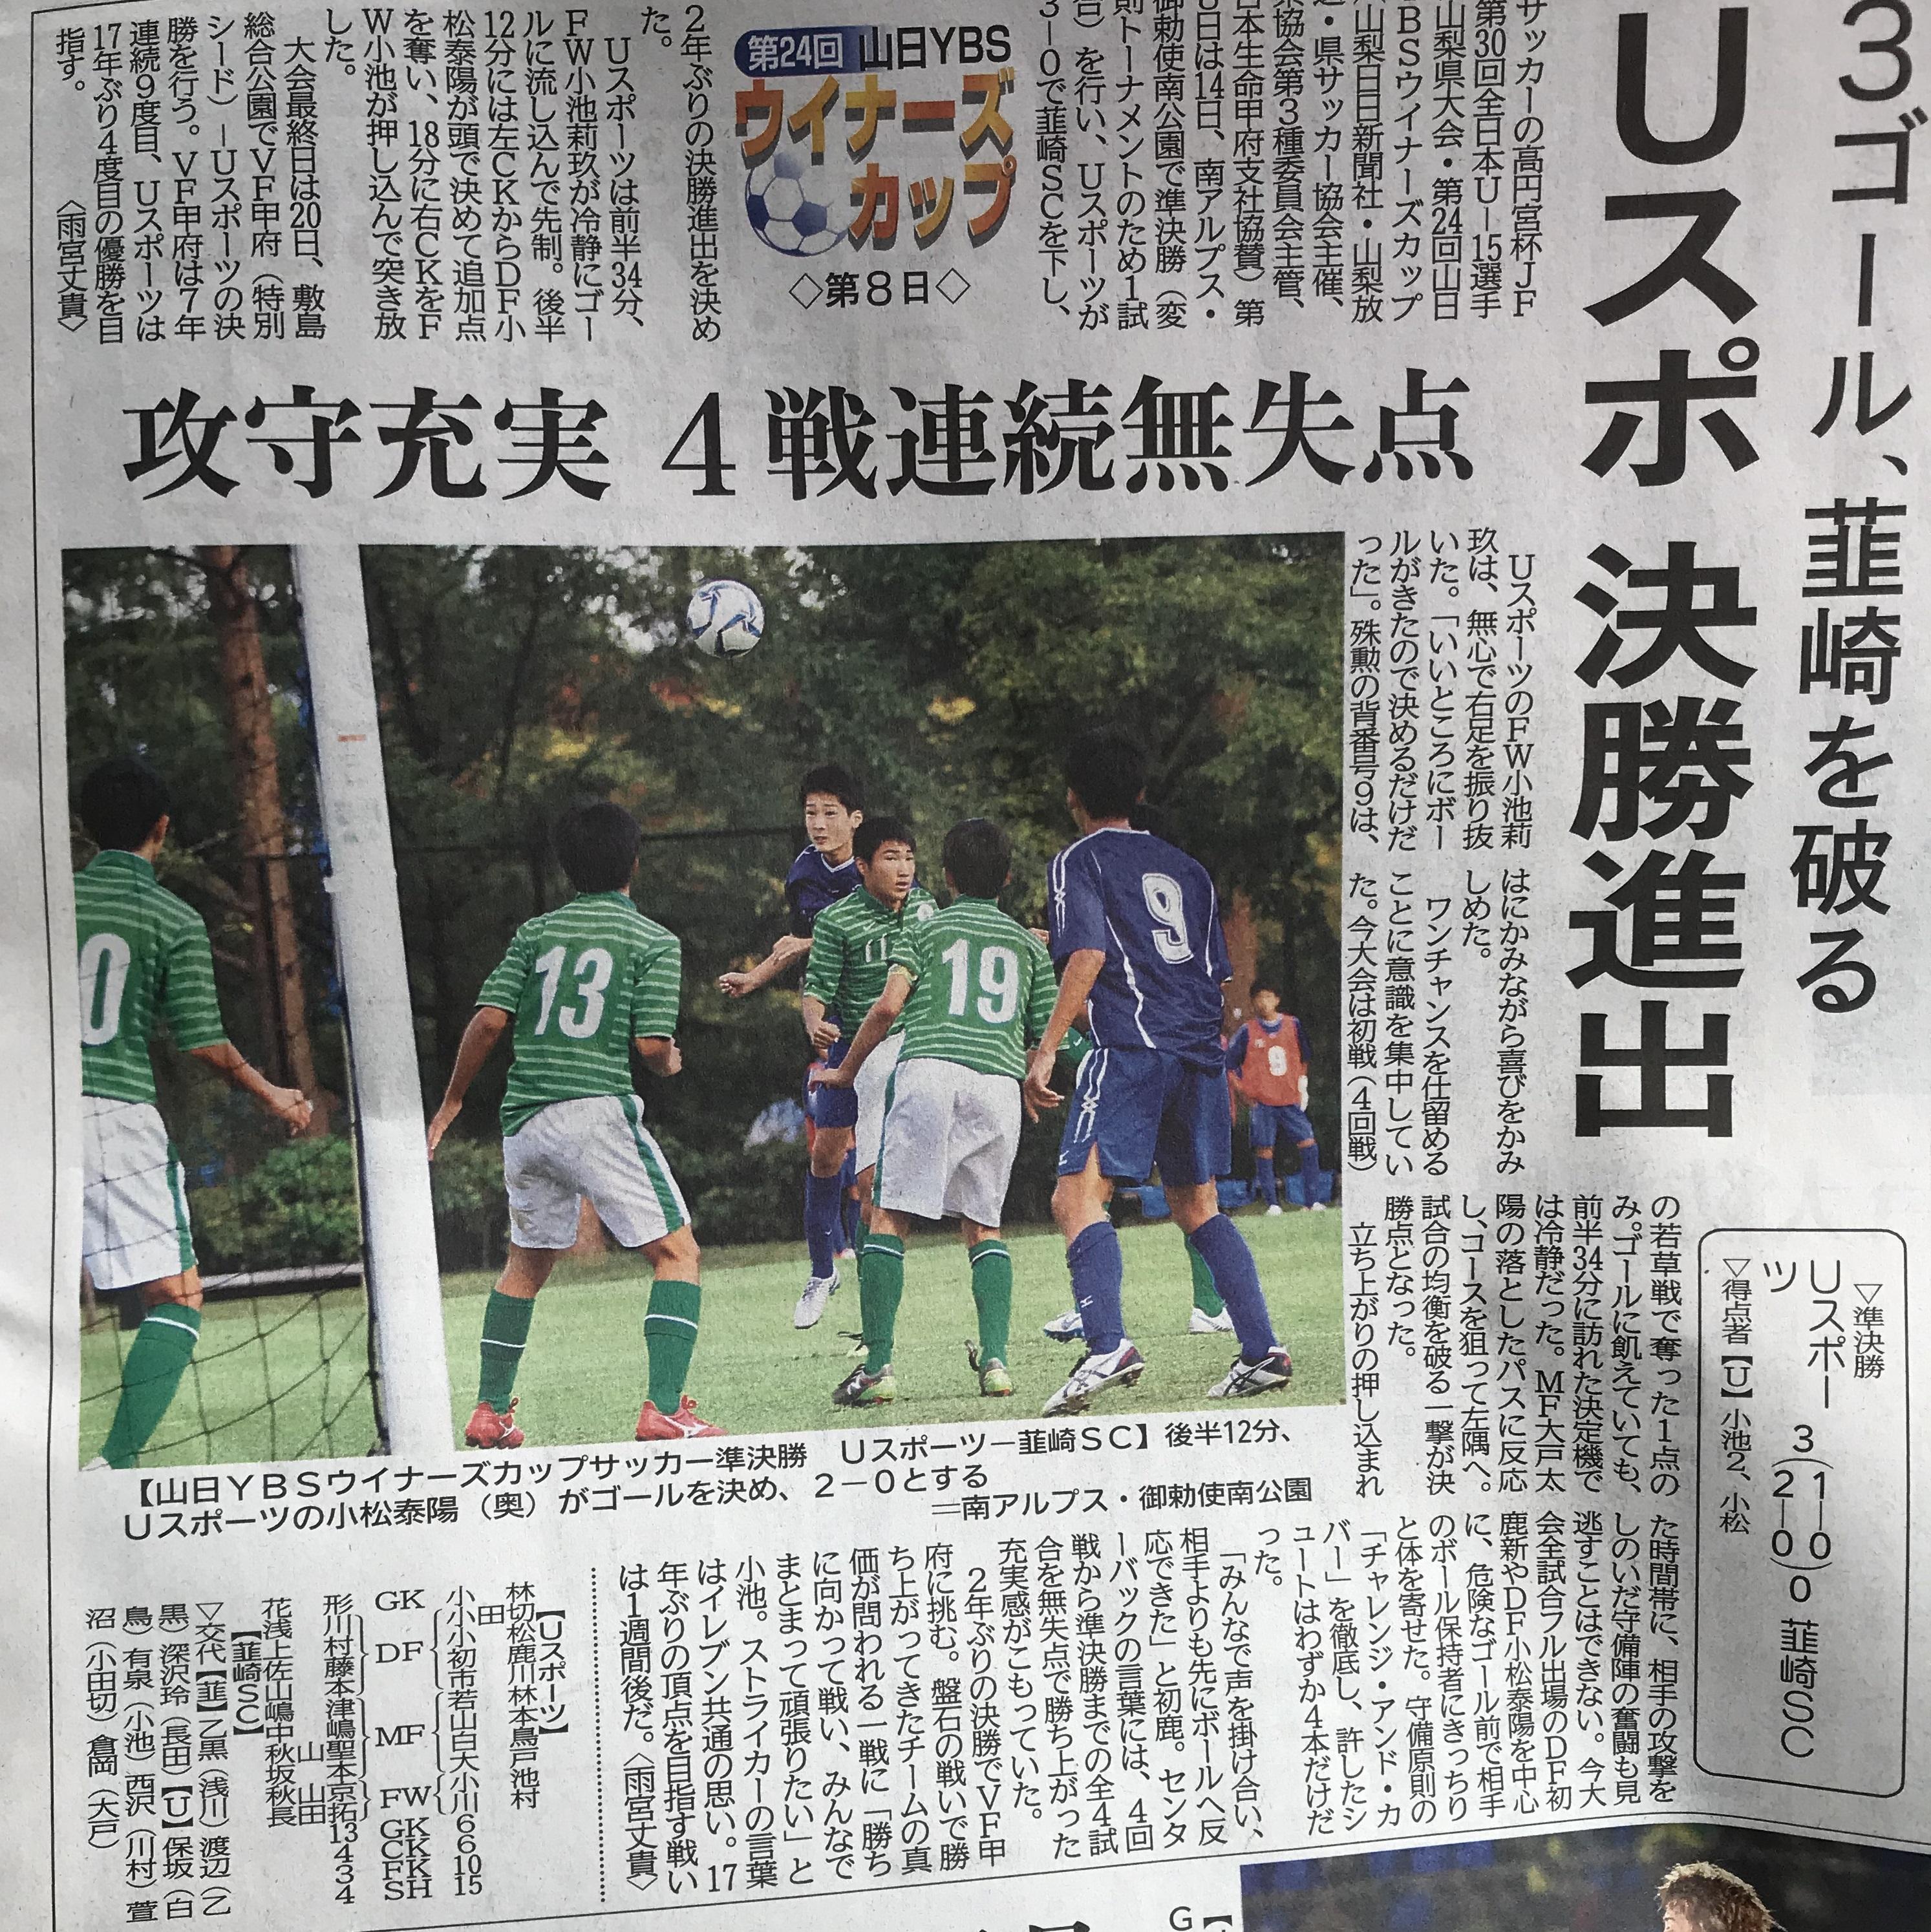 山梨 県内 ニュース 速報